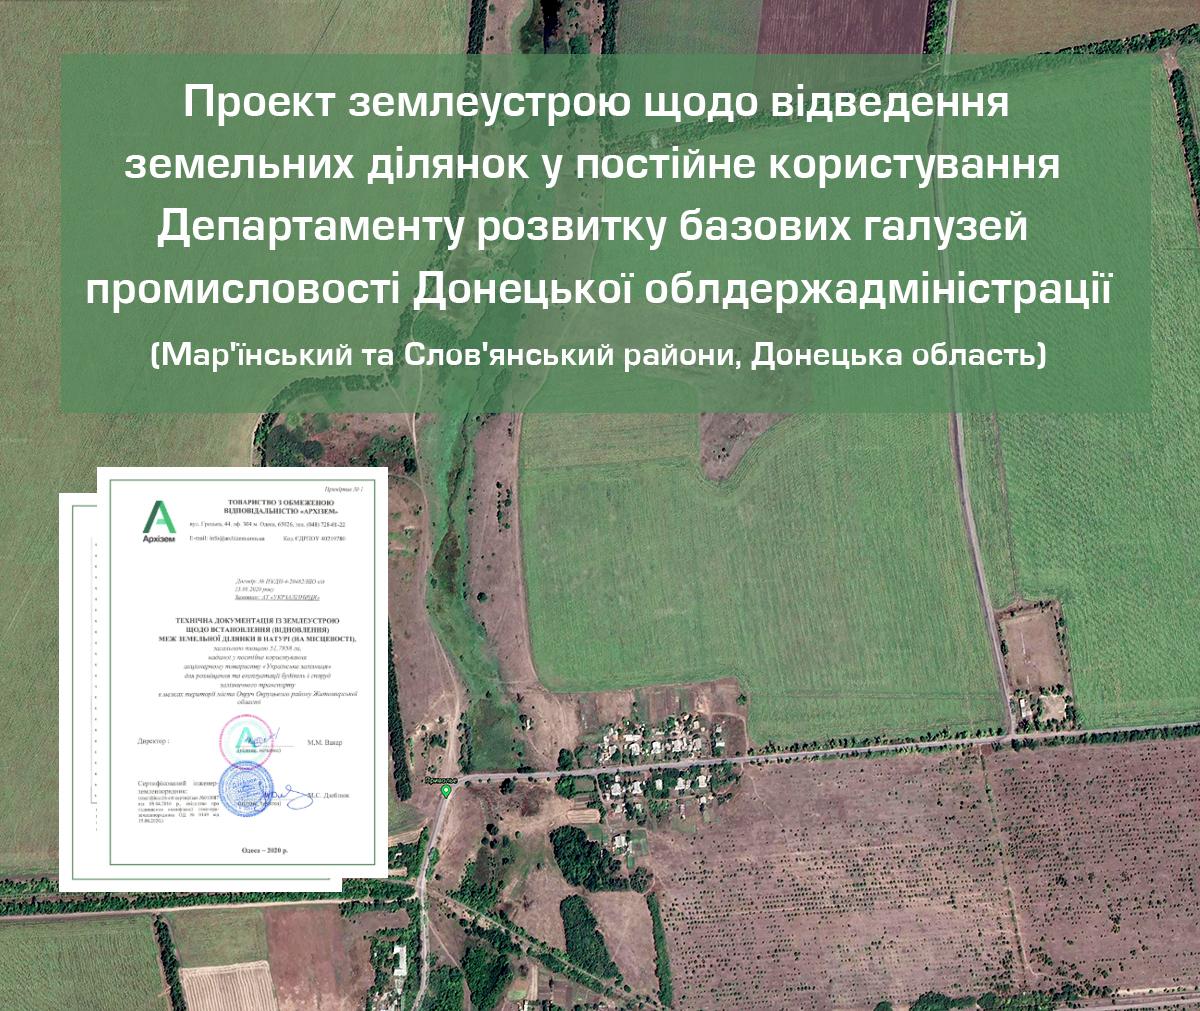 оформление участков автодорог Донецкой области